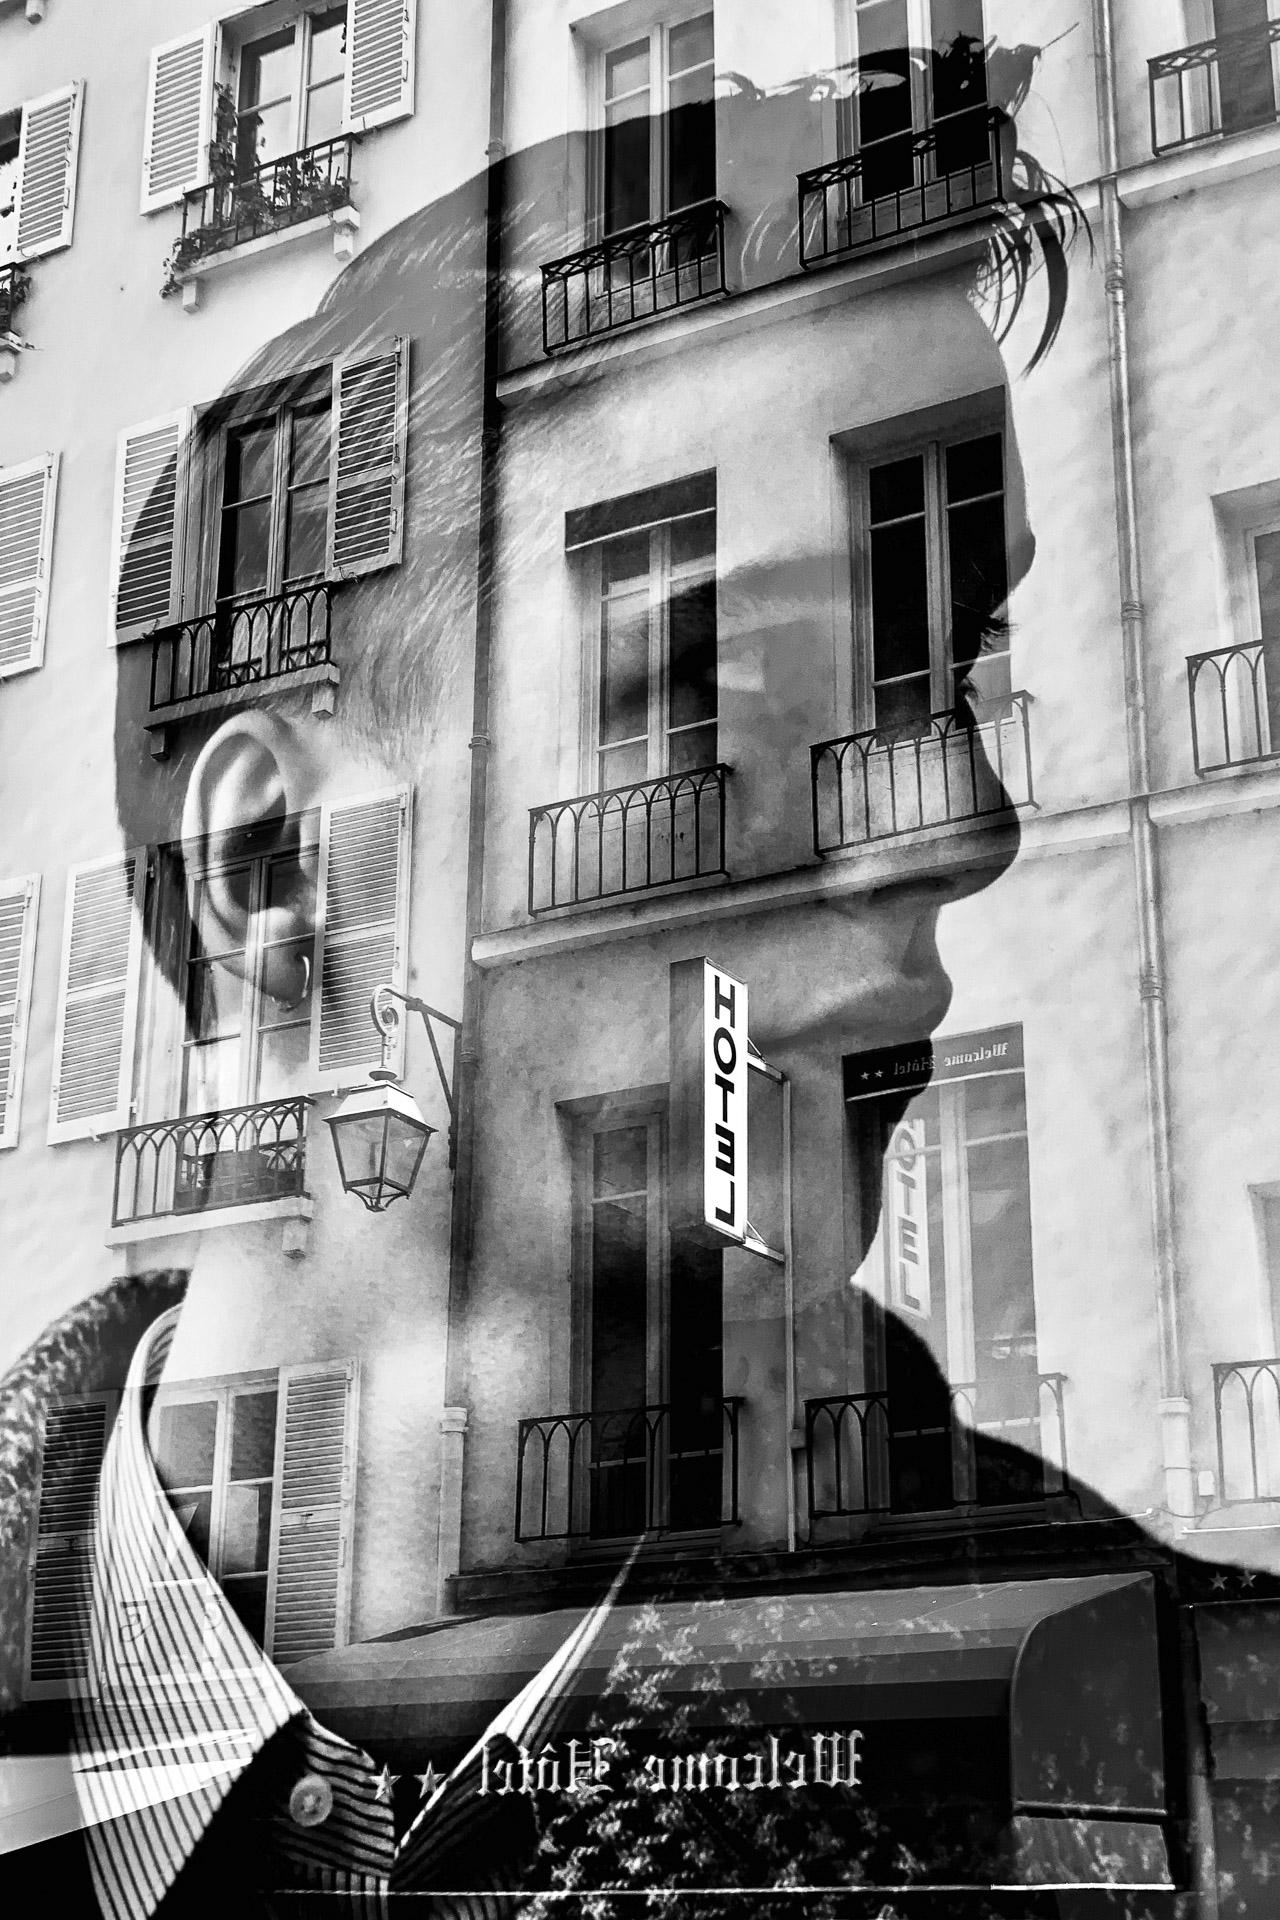 Fotowerk Kunstfotografie - Spiegelbilder - Lobbyboy